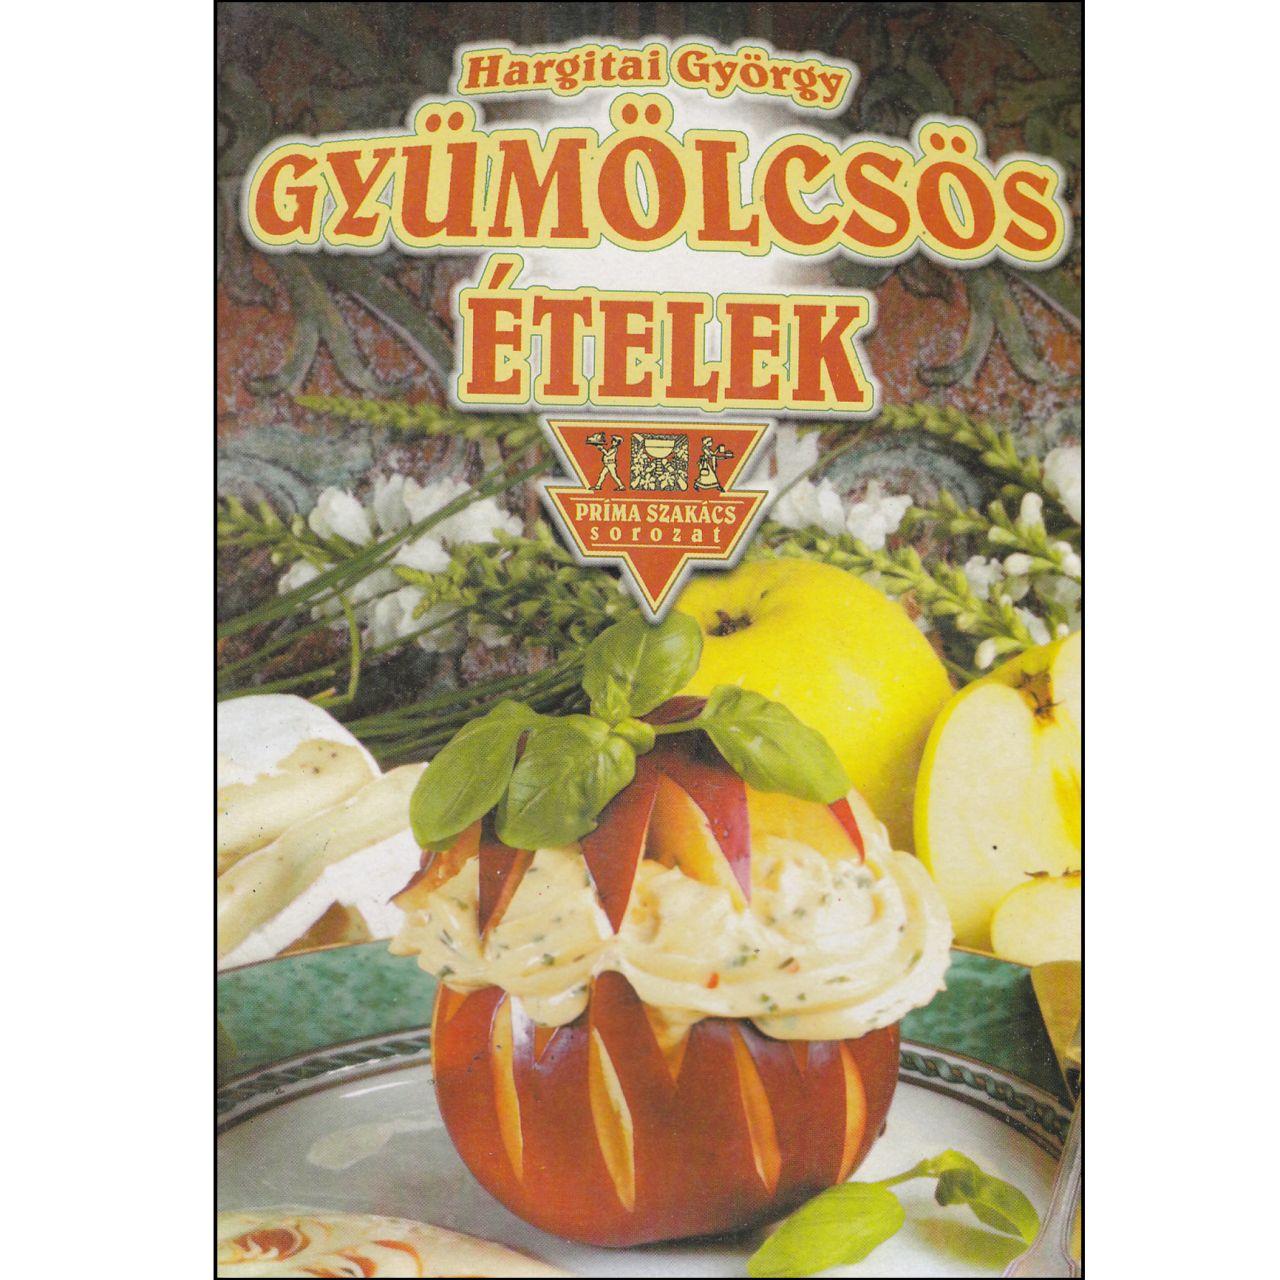 Gyümölcsös ételek (könyv)